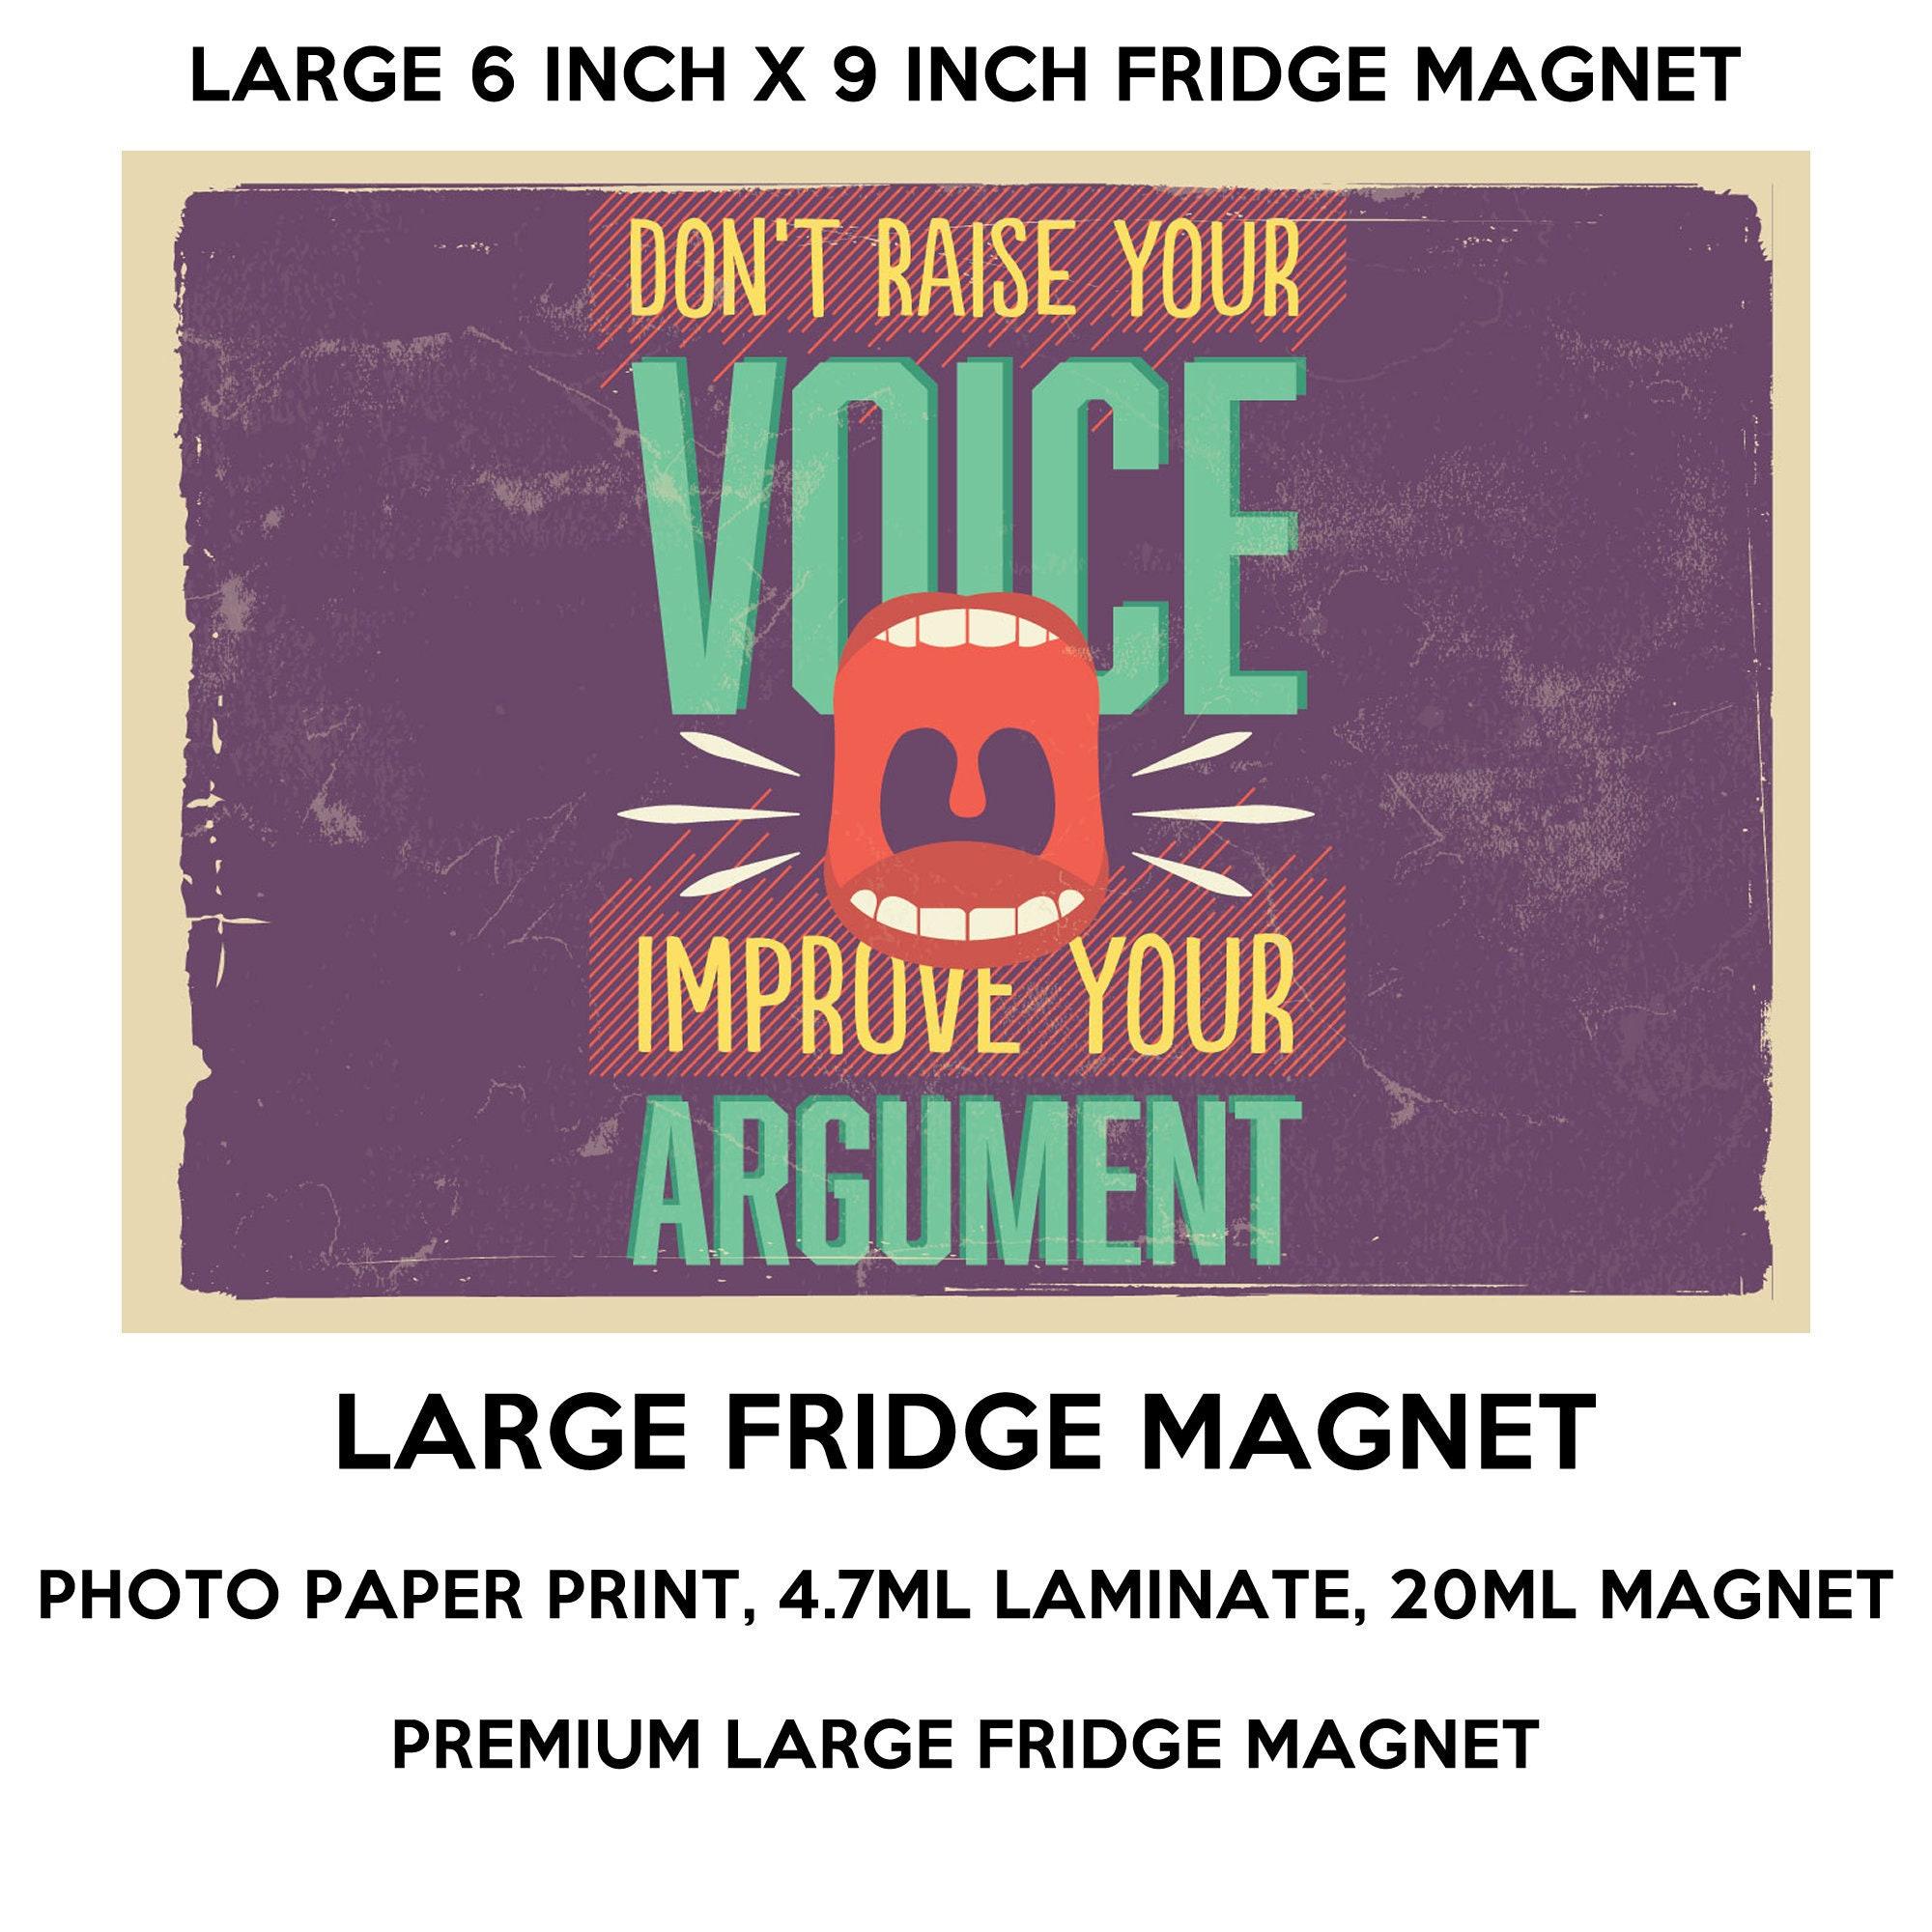 Don't raise your voice improve your argument 6 x 9 inch premium fridge magnet that stands out.